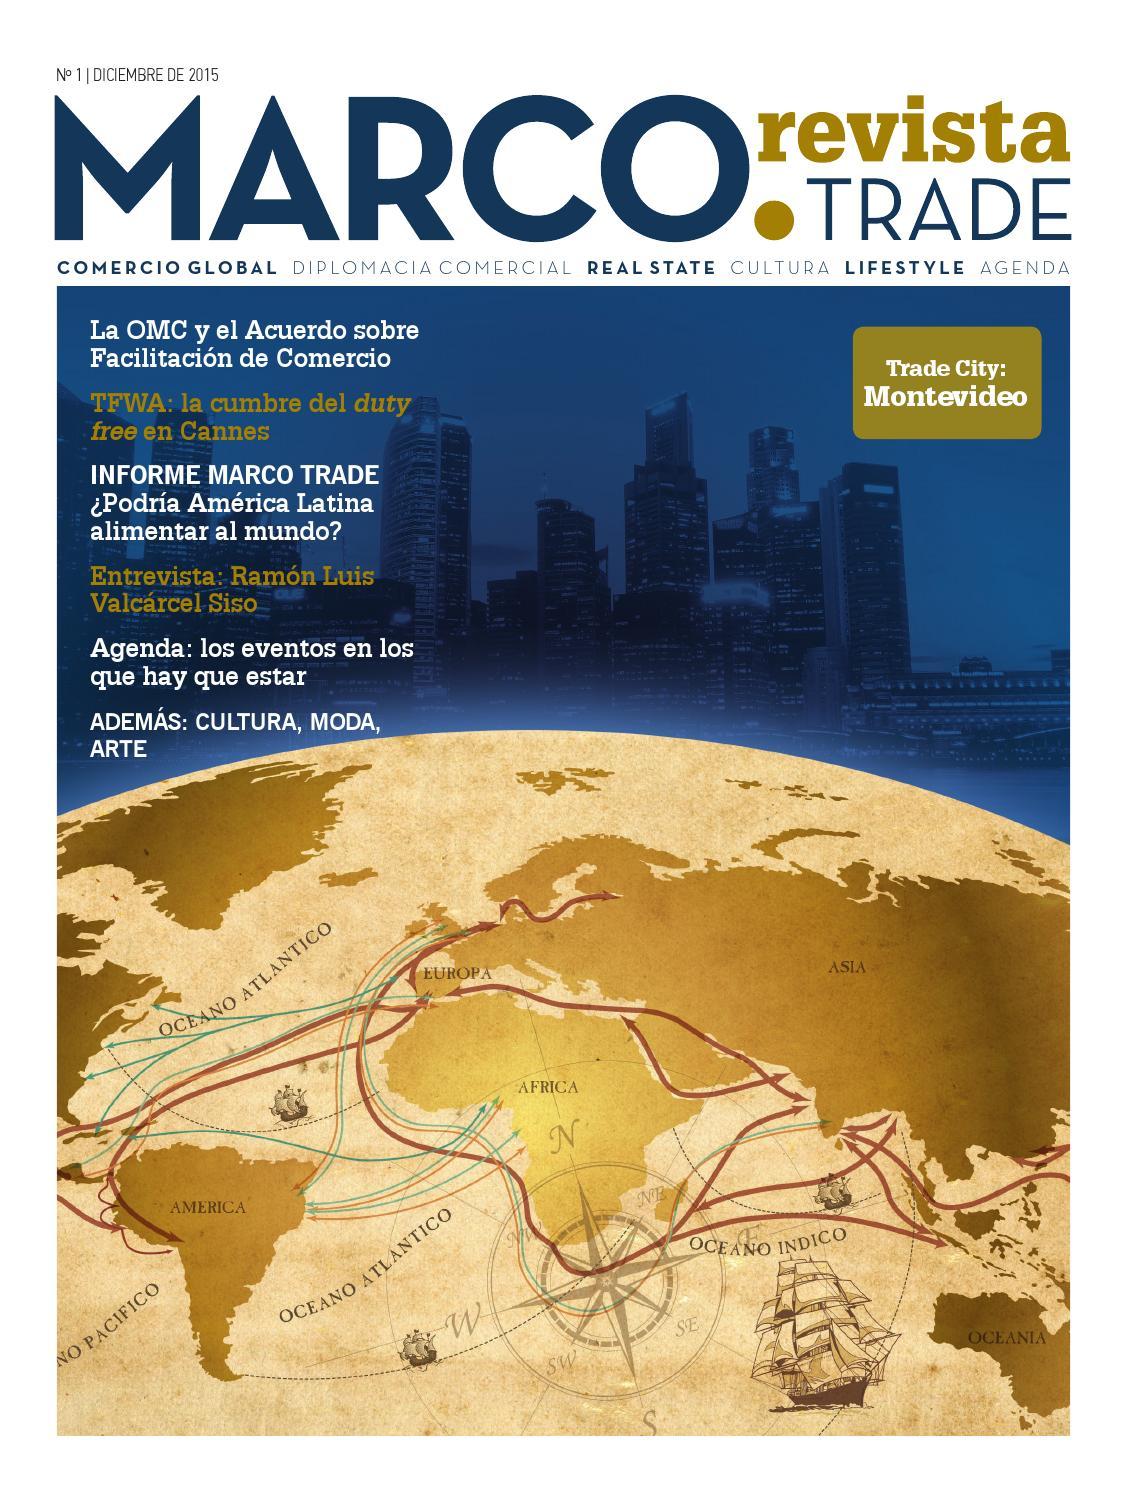 Marco Trade Revista N1 by María Cecilia Lozano - issuu